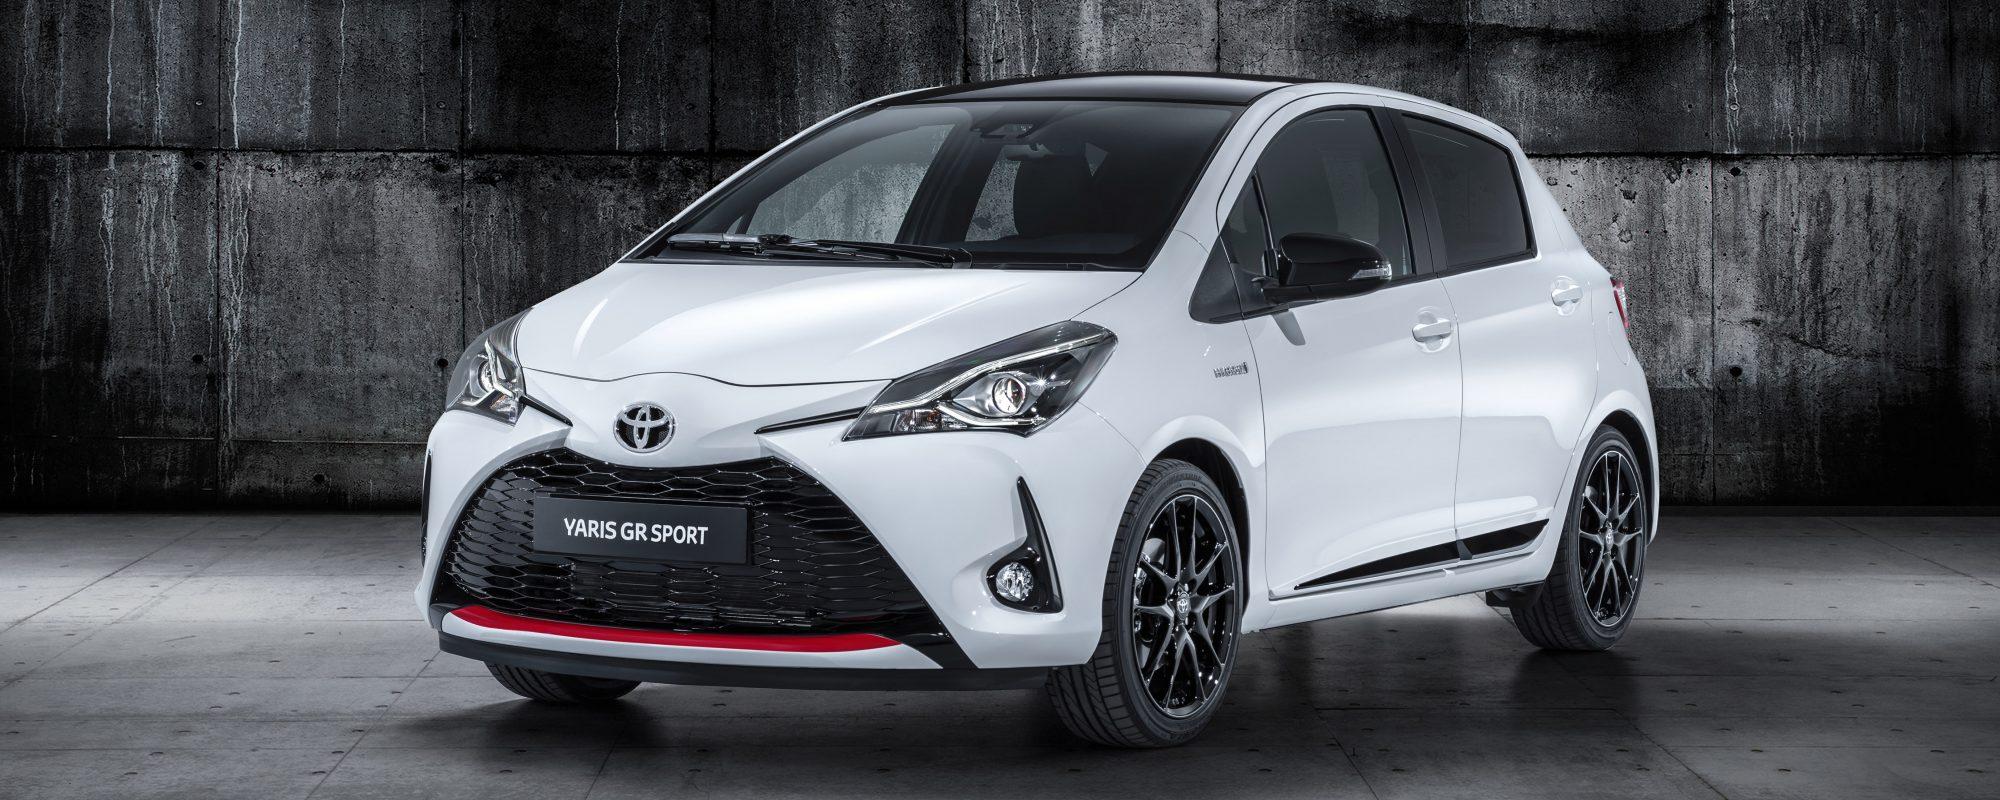 Wereldpremière sportieve Toyota Yaris GR SPORT met invloeden van GAZOO Racing